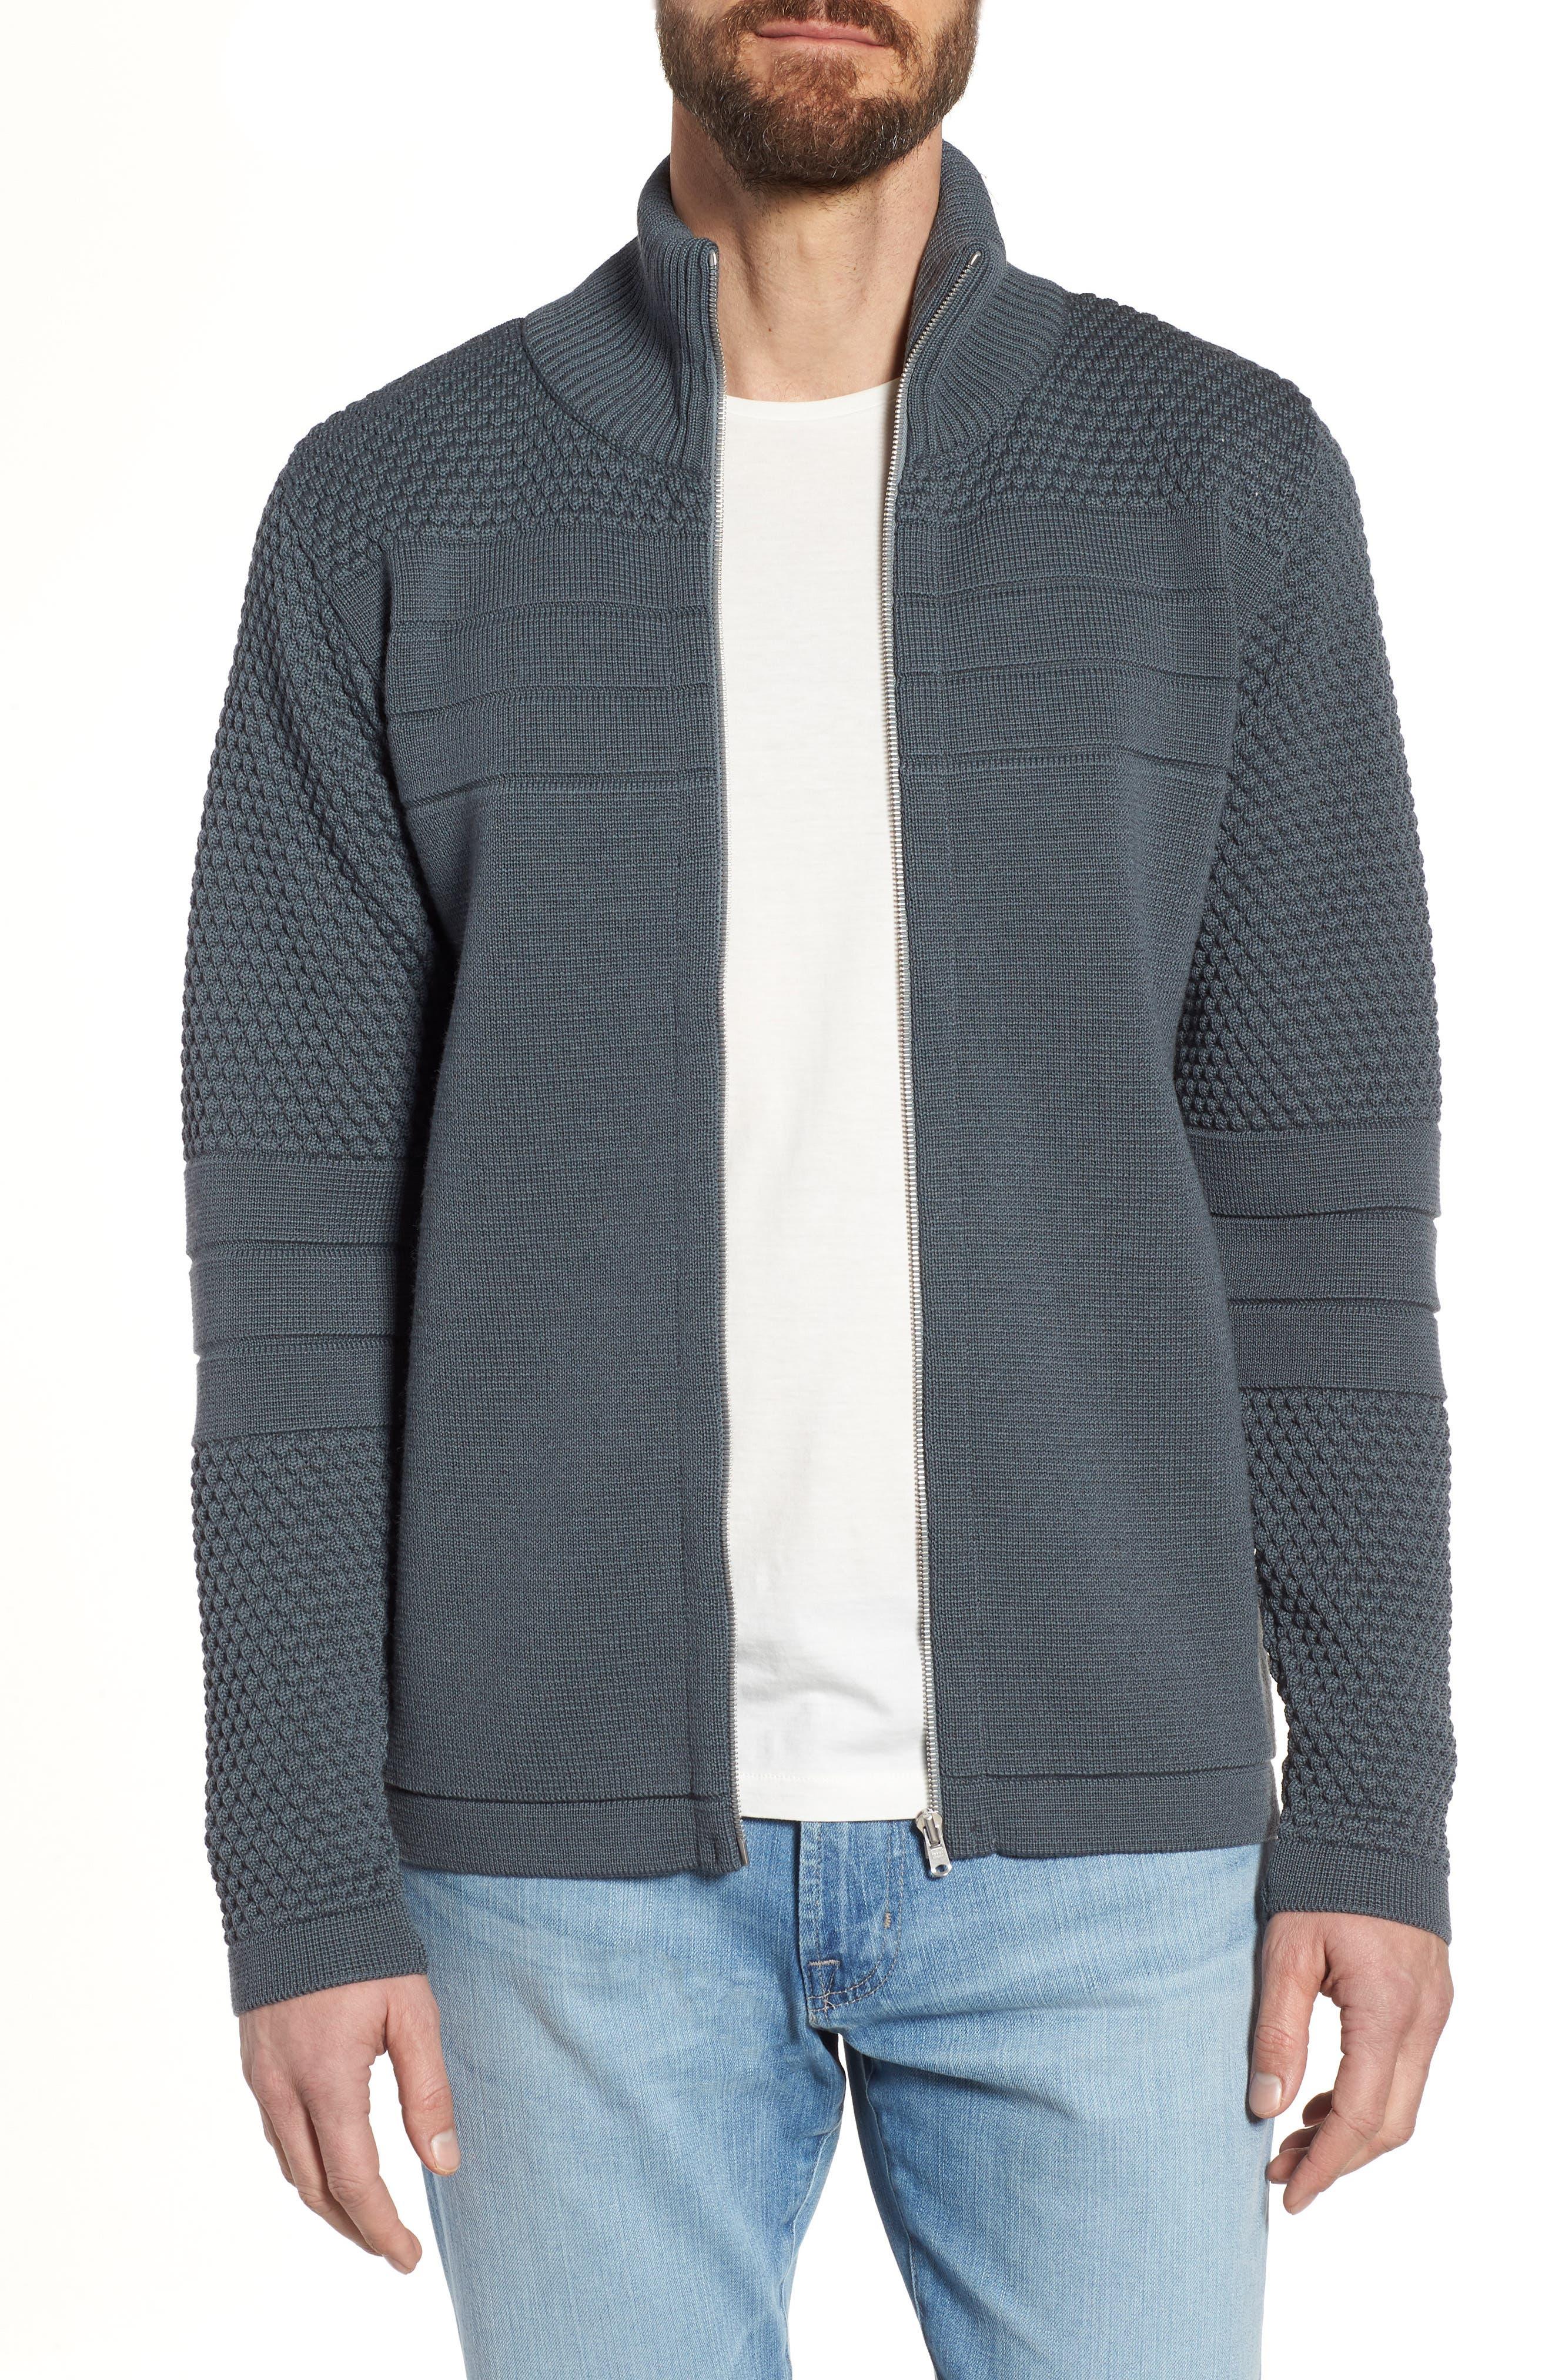 Torso Jacket,                         Main,                         color, Uniform Grey